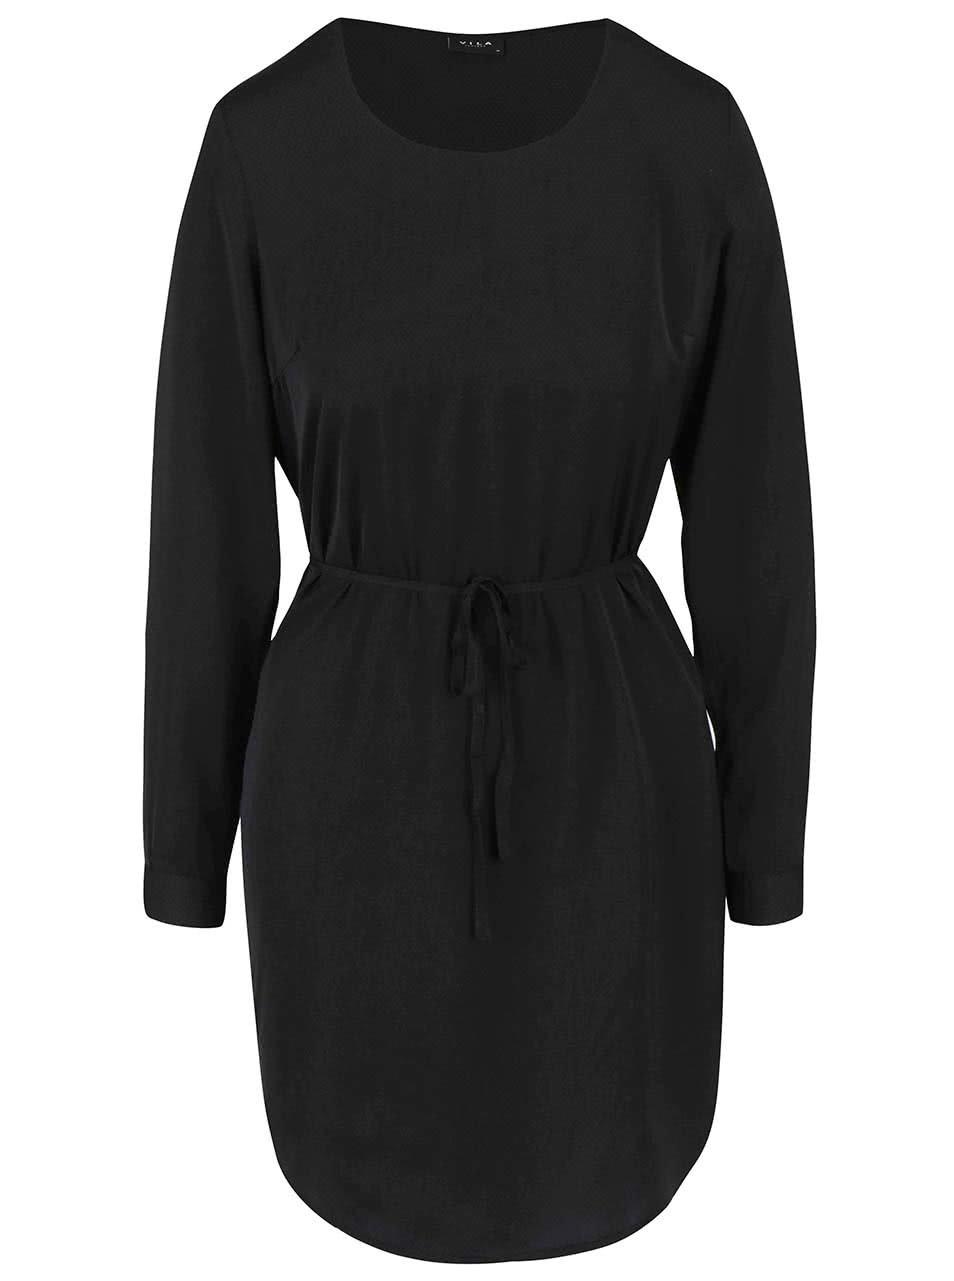 Černé puntíkované šaty s dlouhým rukávem VILA Melli